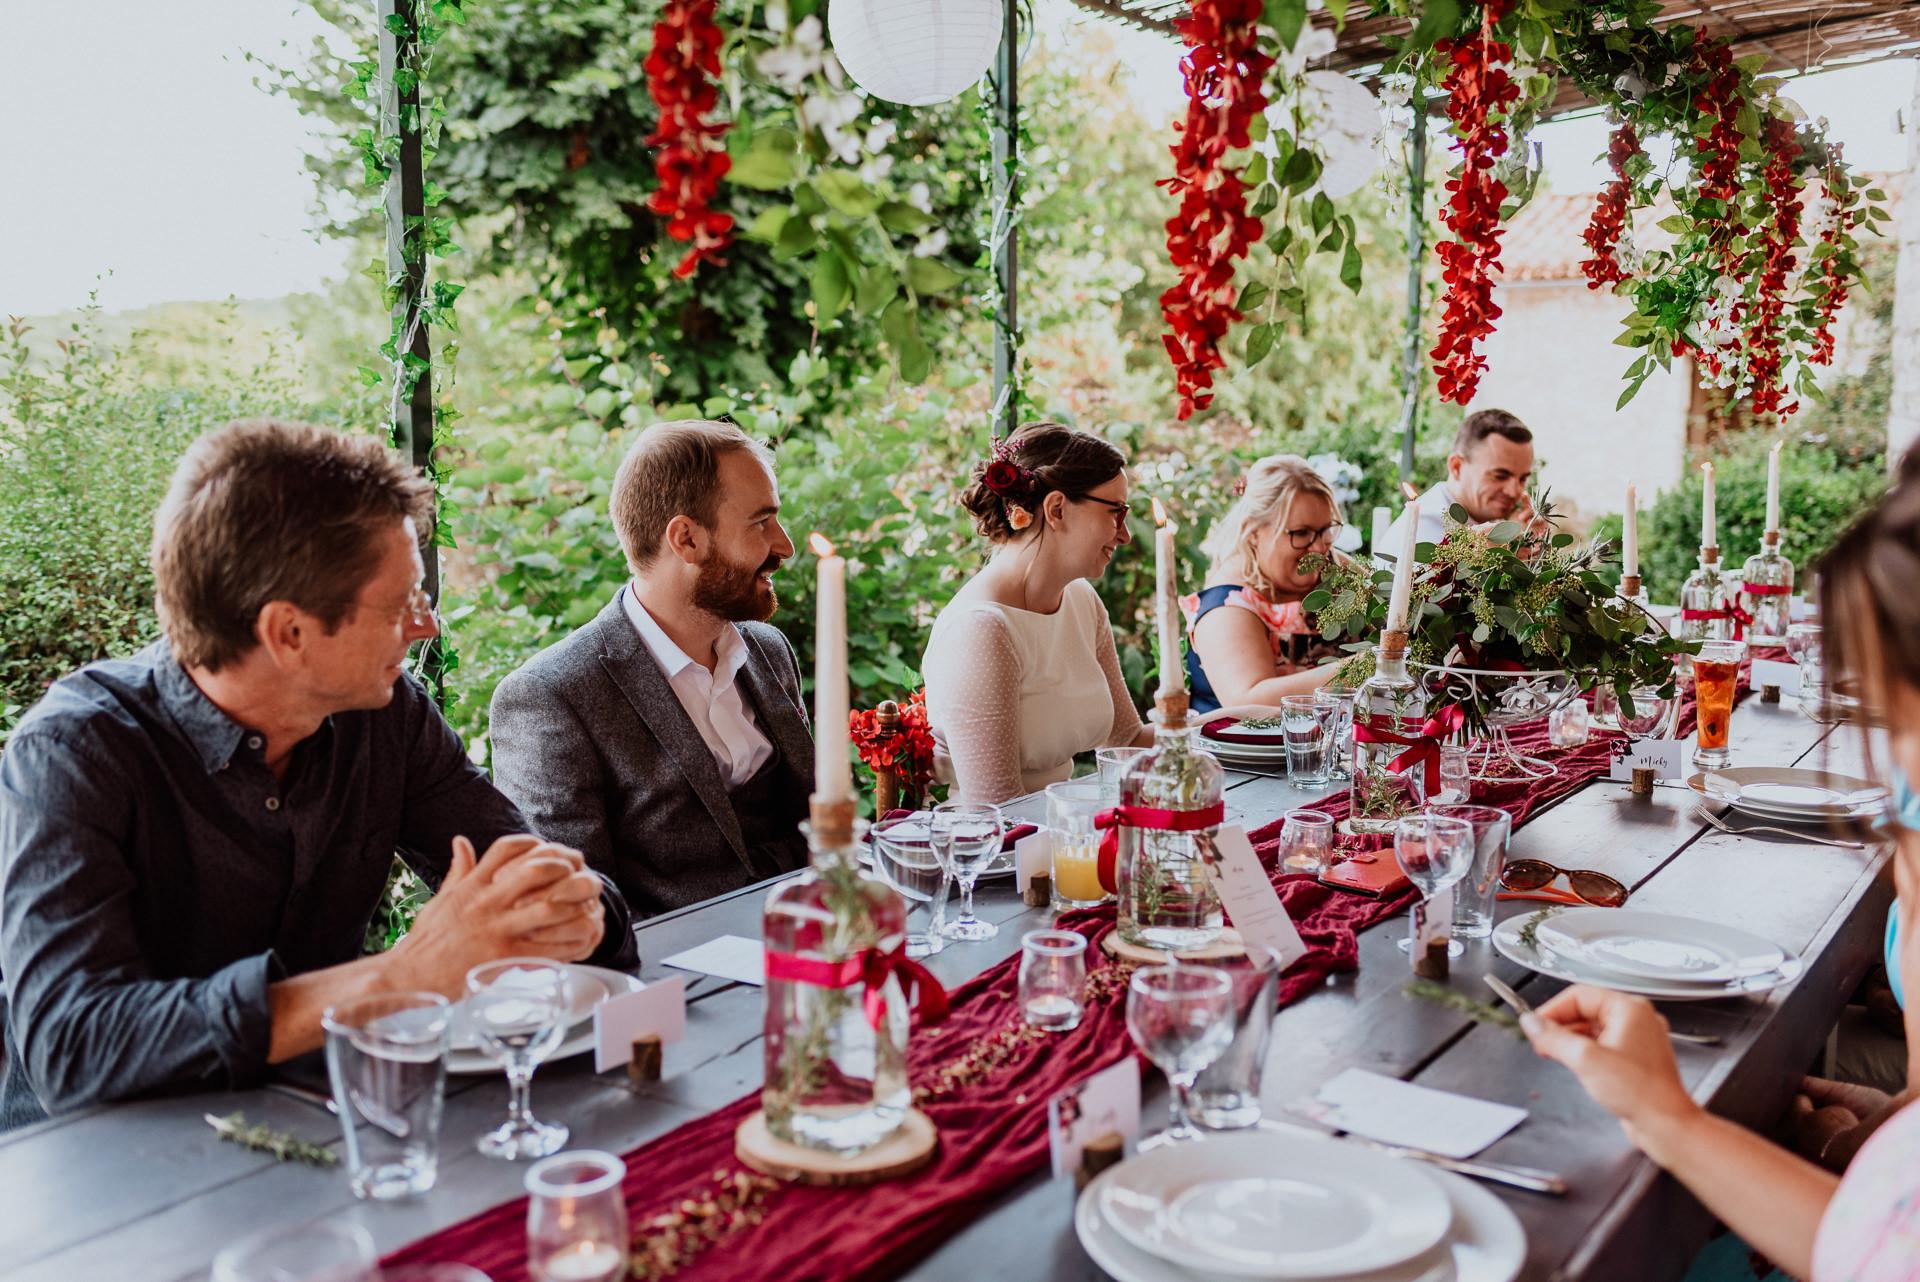 Chateau wedding venue france